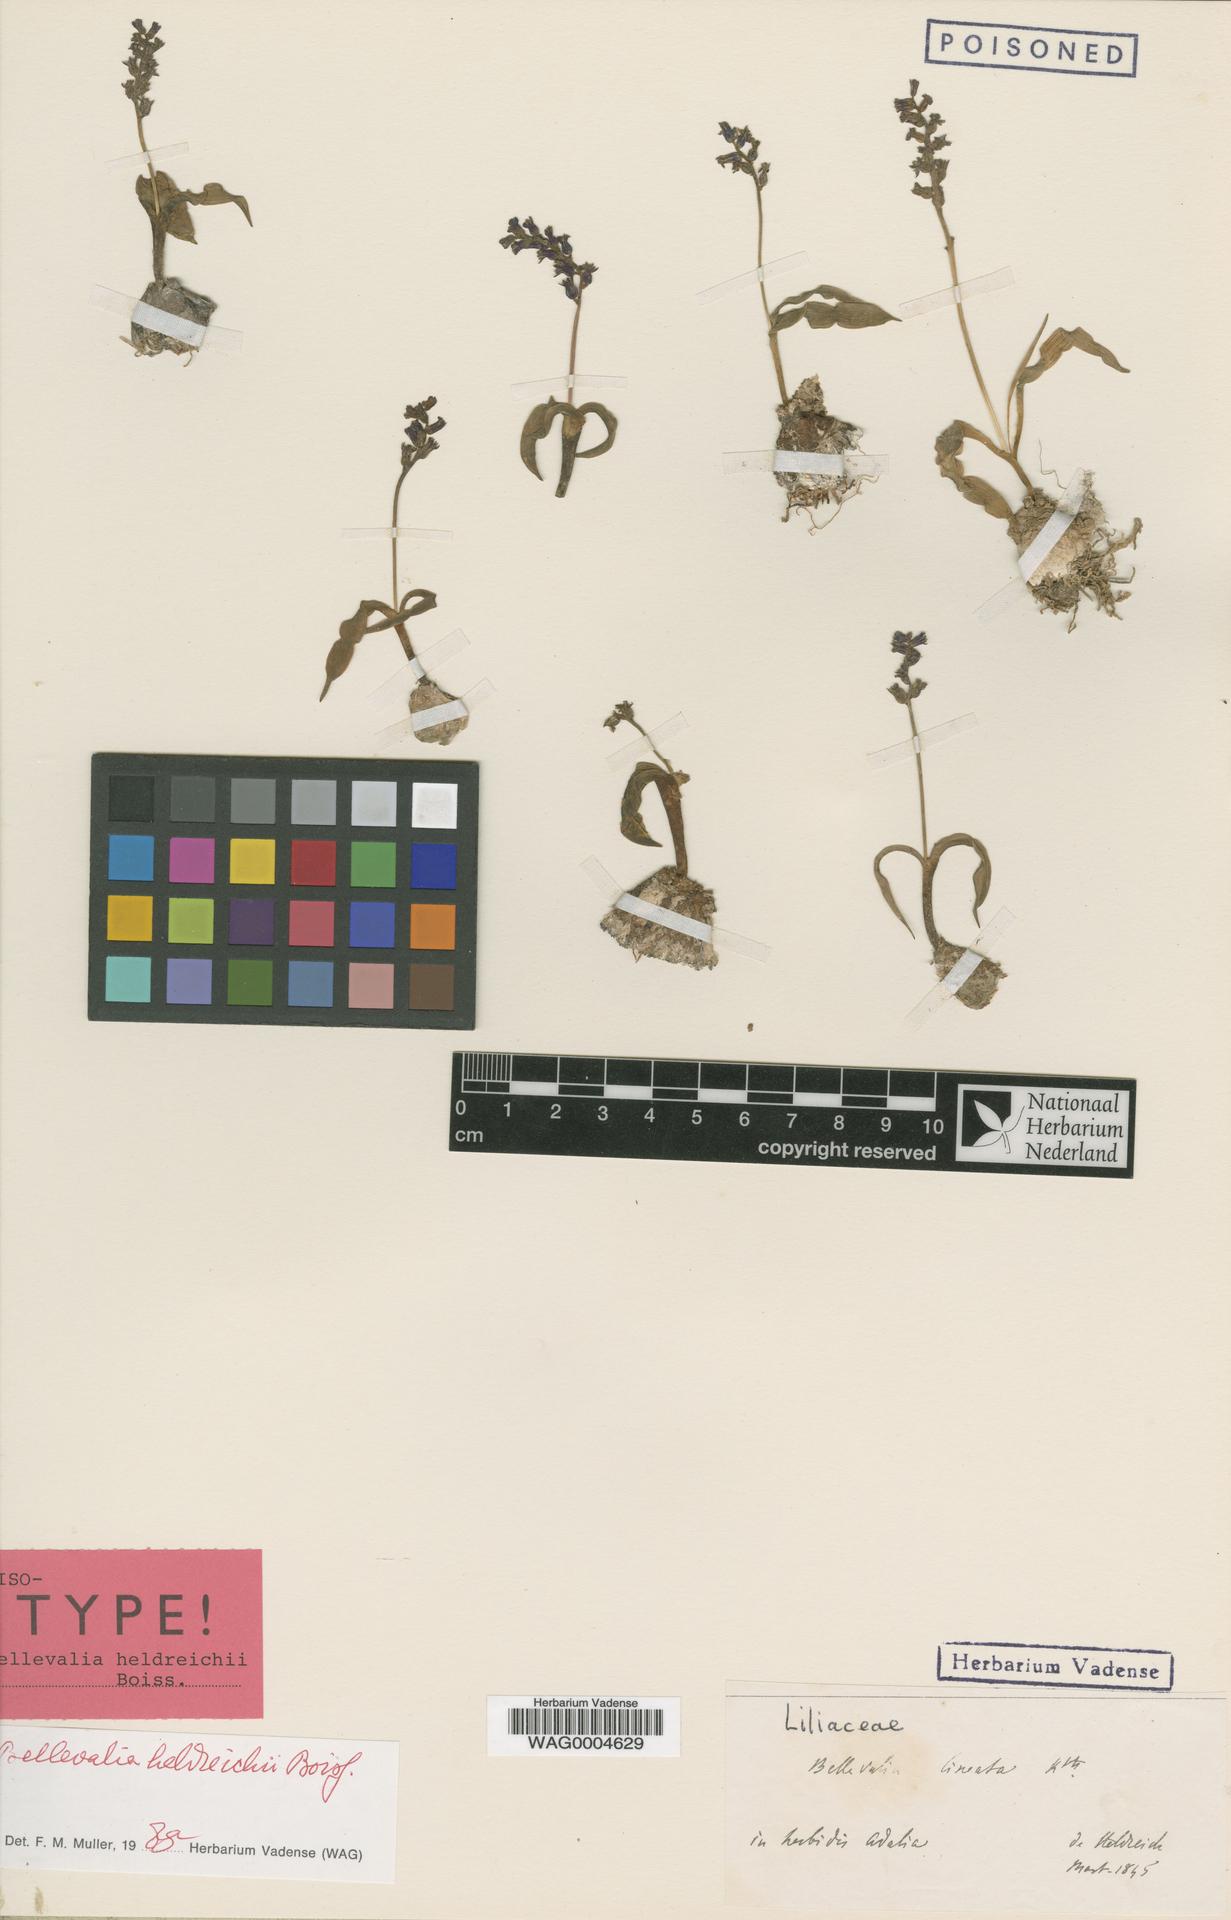 WAG0004629 | Bellevalia heldreichii Boiss.